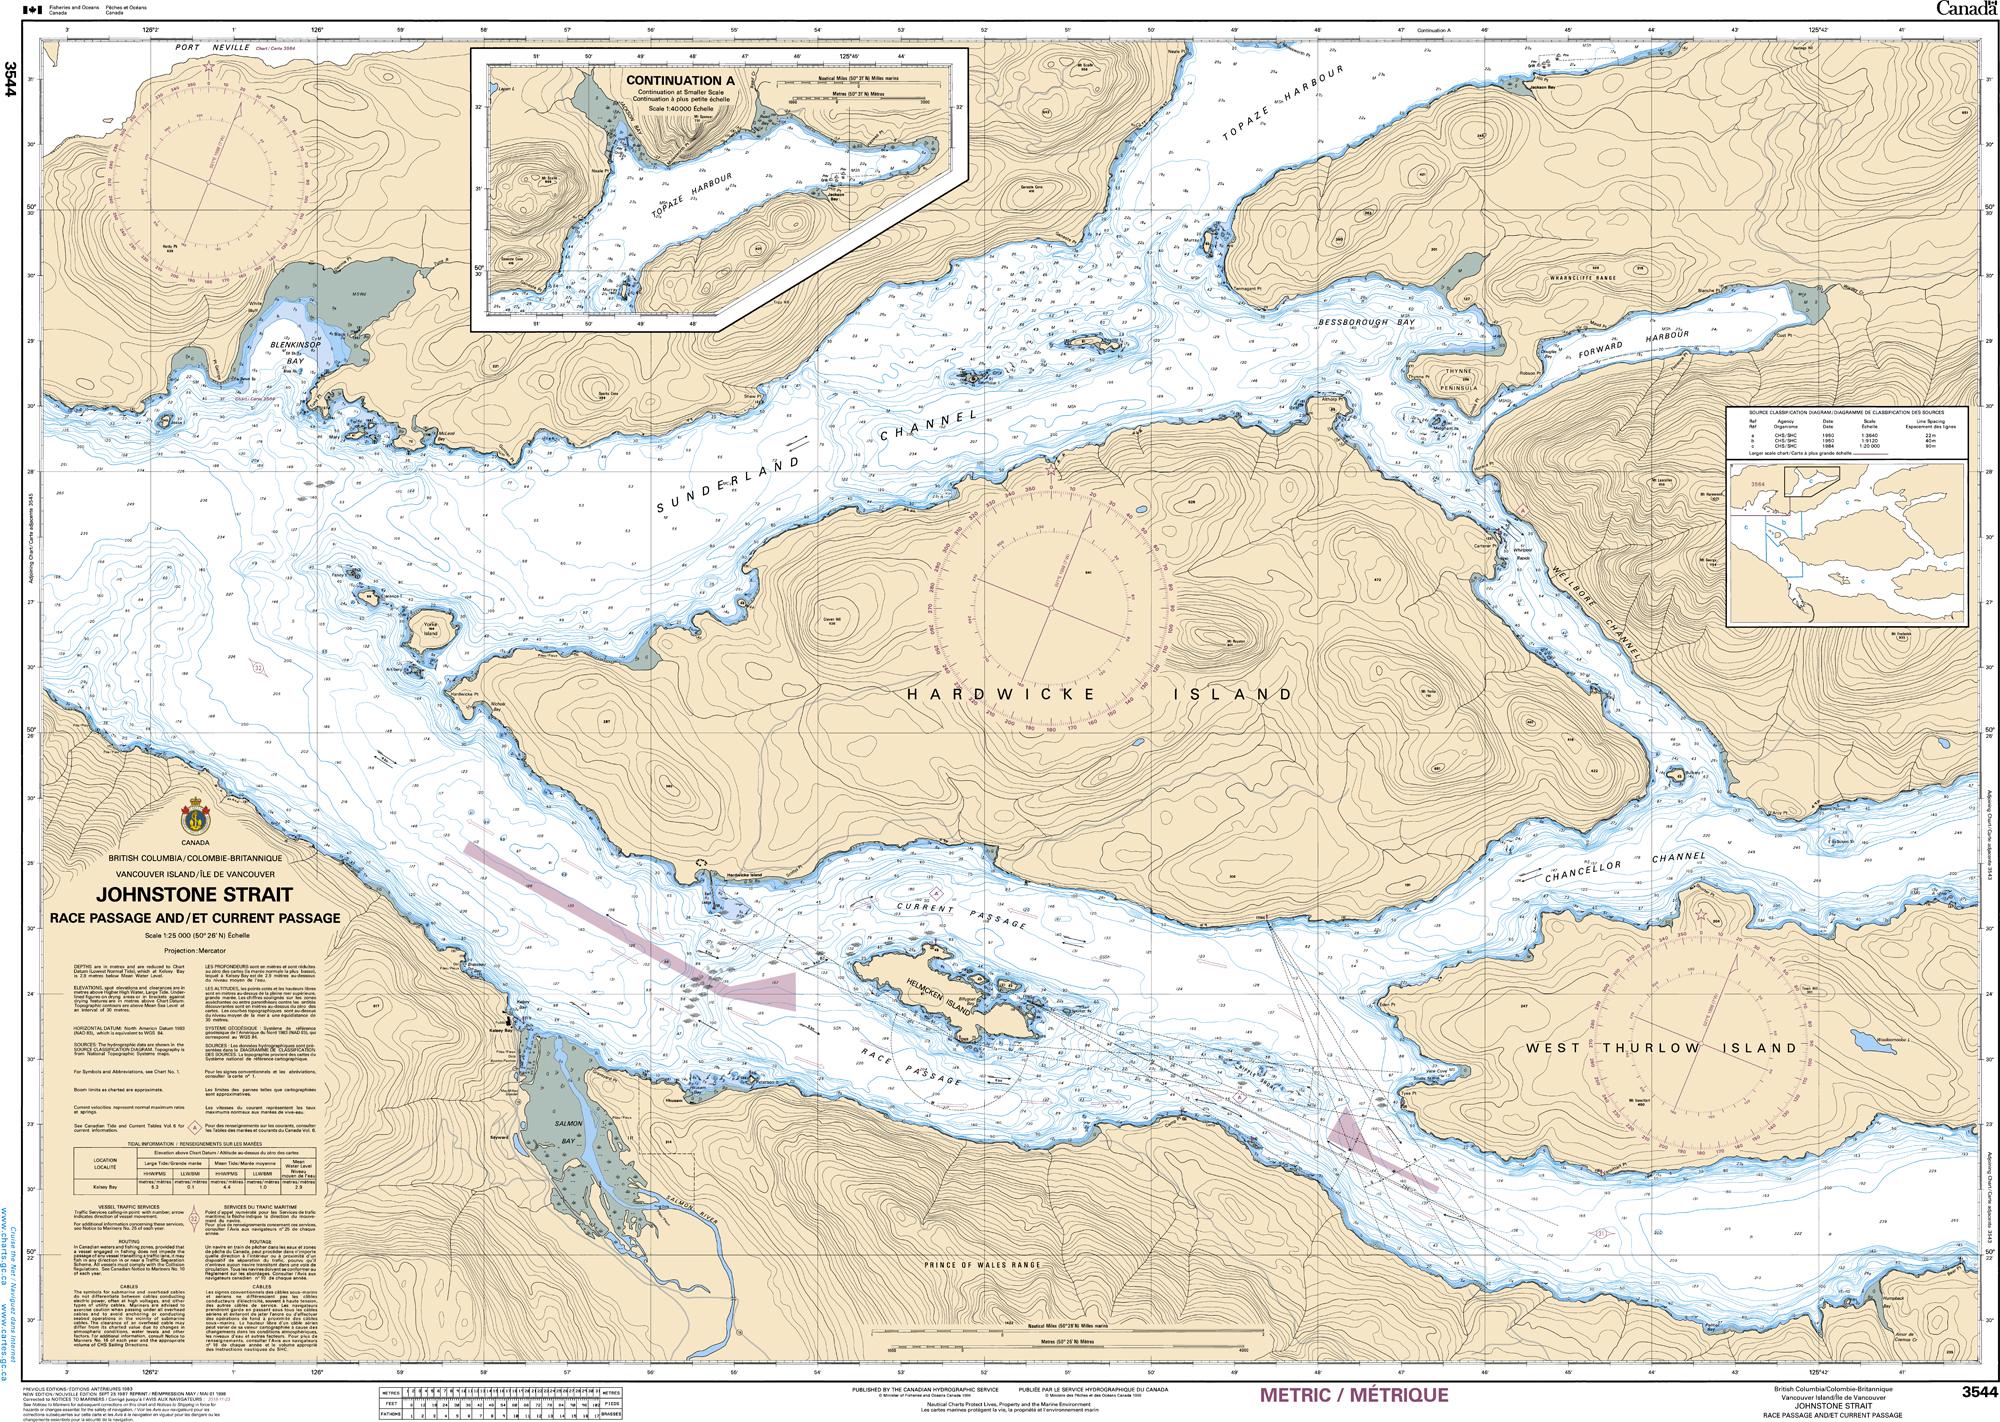 Pacific Region, CHS Chart 3544: Johnstone Strait, Race Passage and/et Current Passage